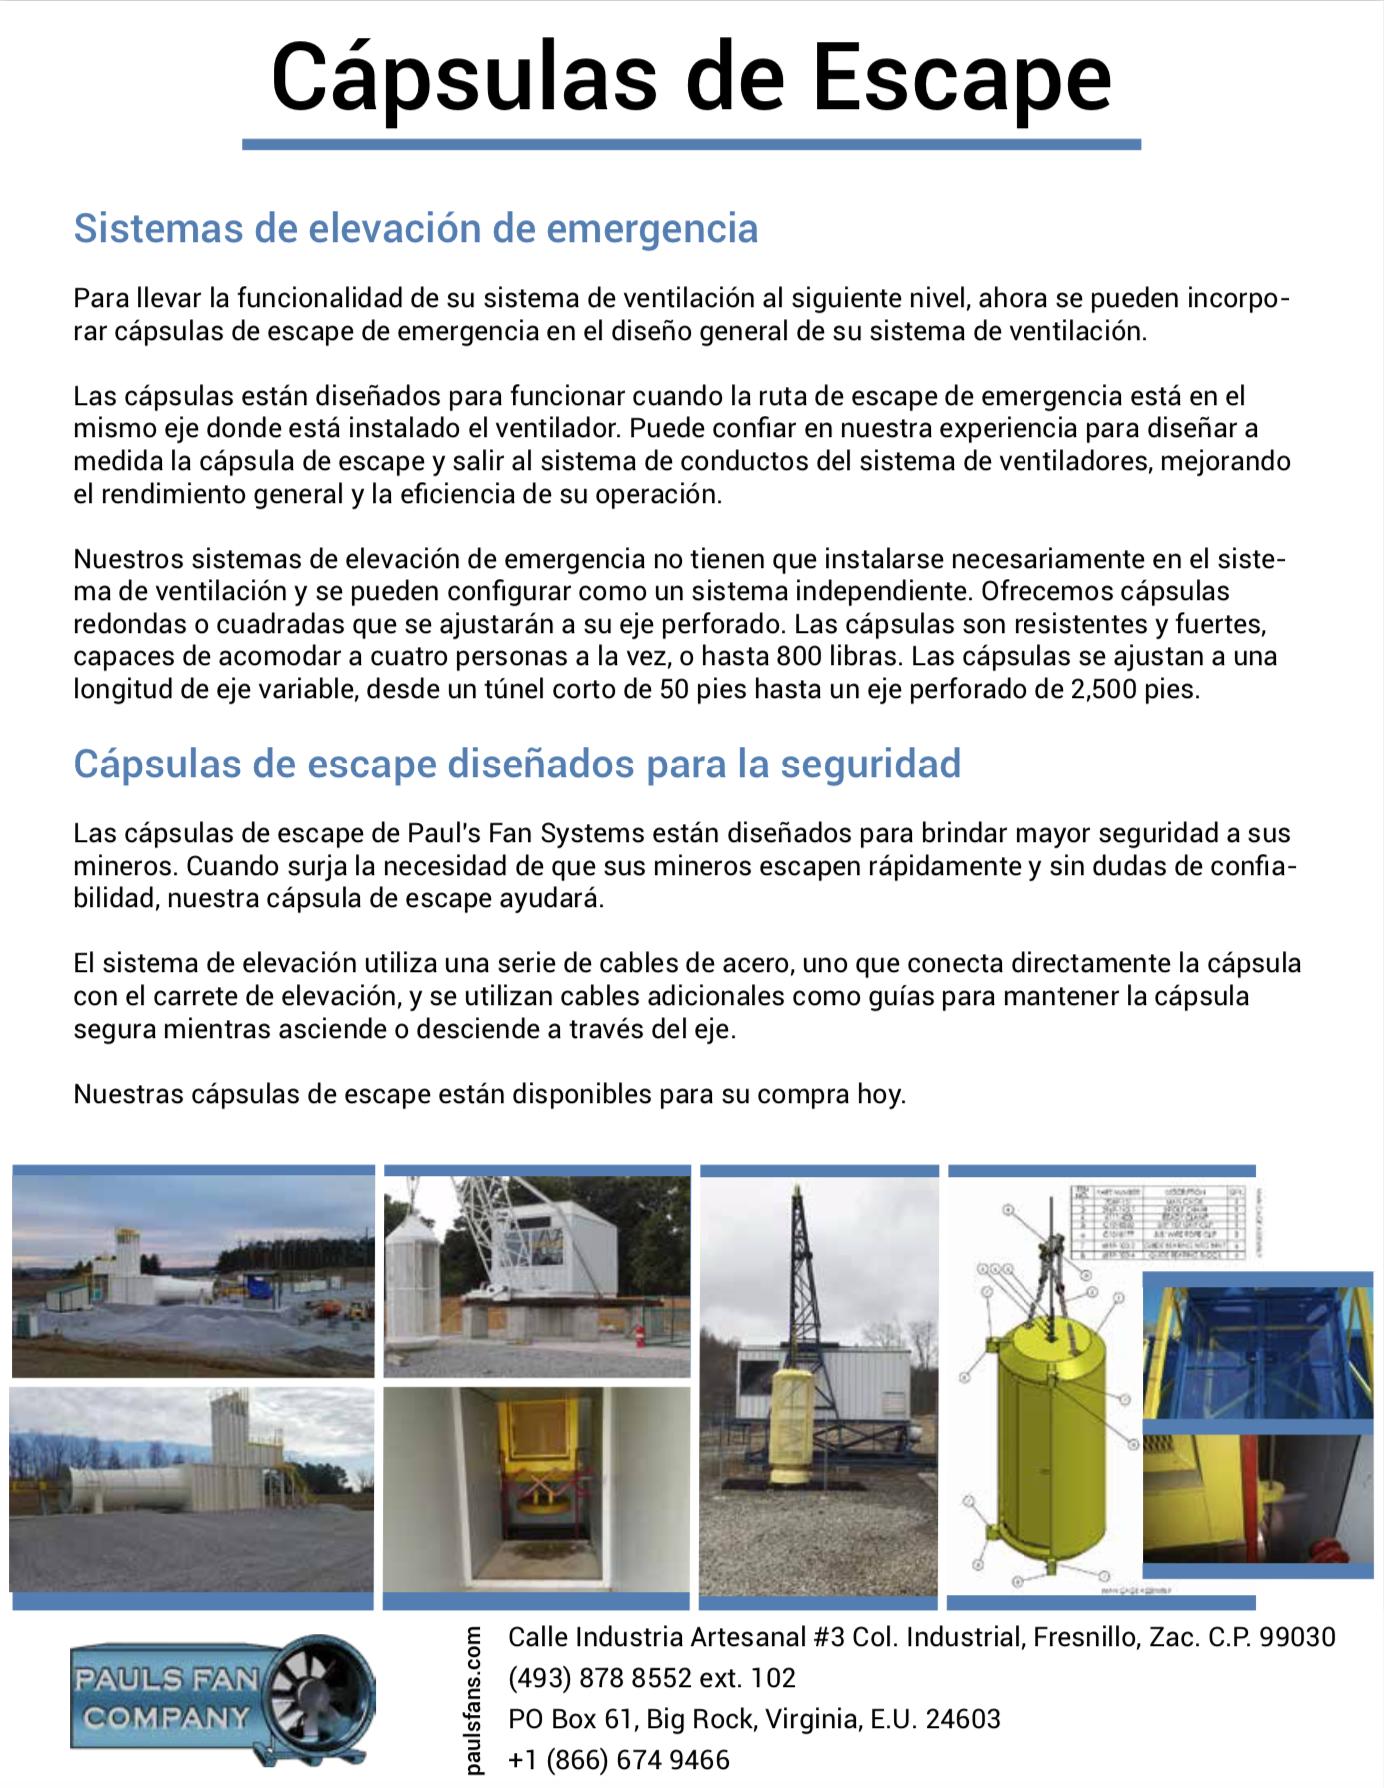 capsulas-de-escape-pauls-fan-aire-limpio-ahorro-energia-mexico-minas